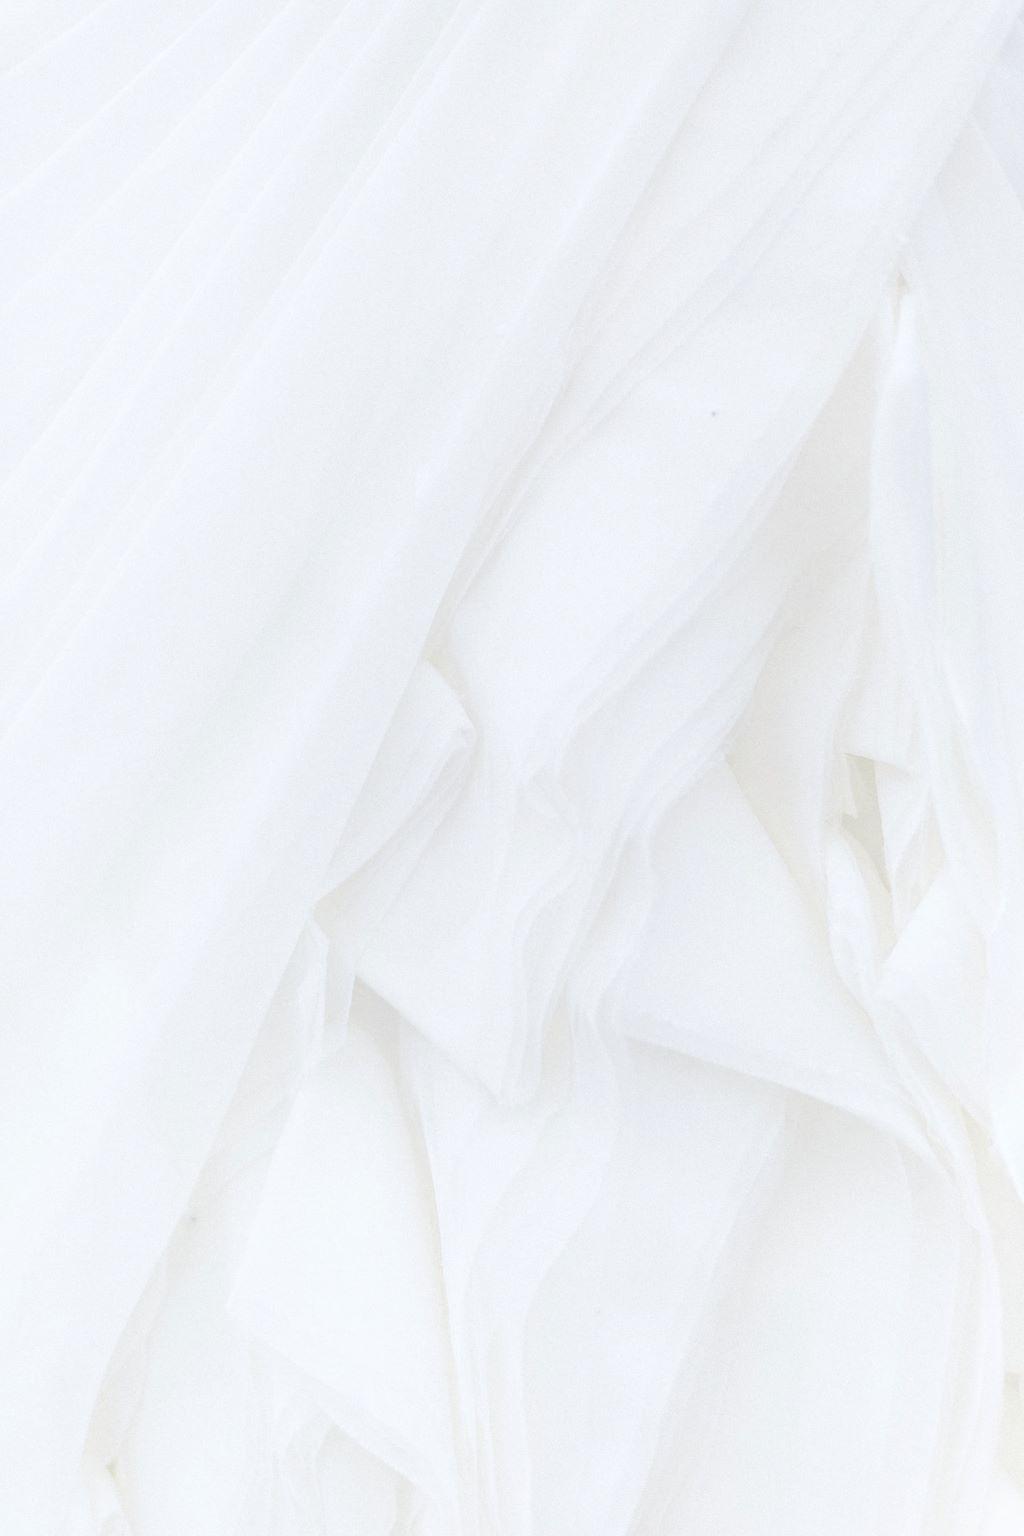 whitetone1